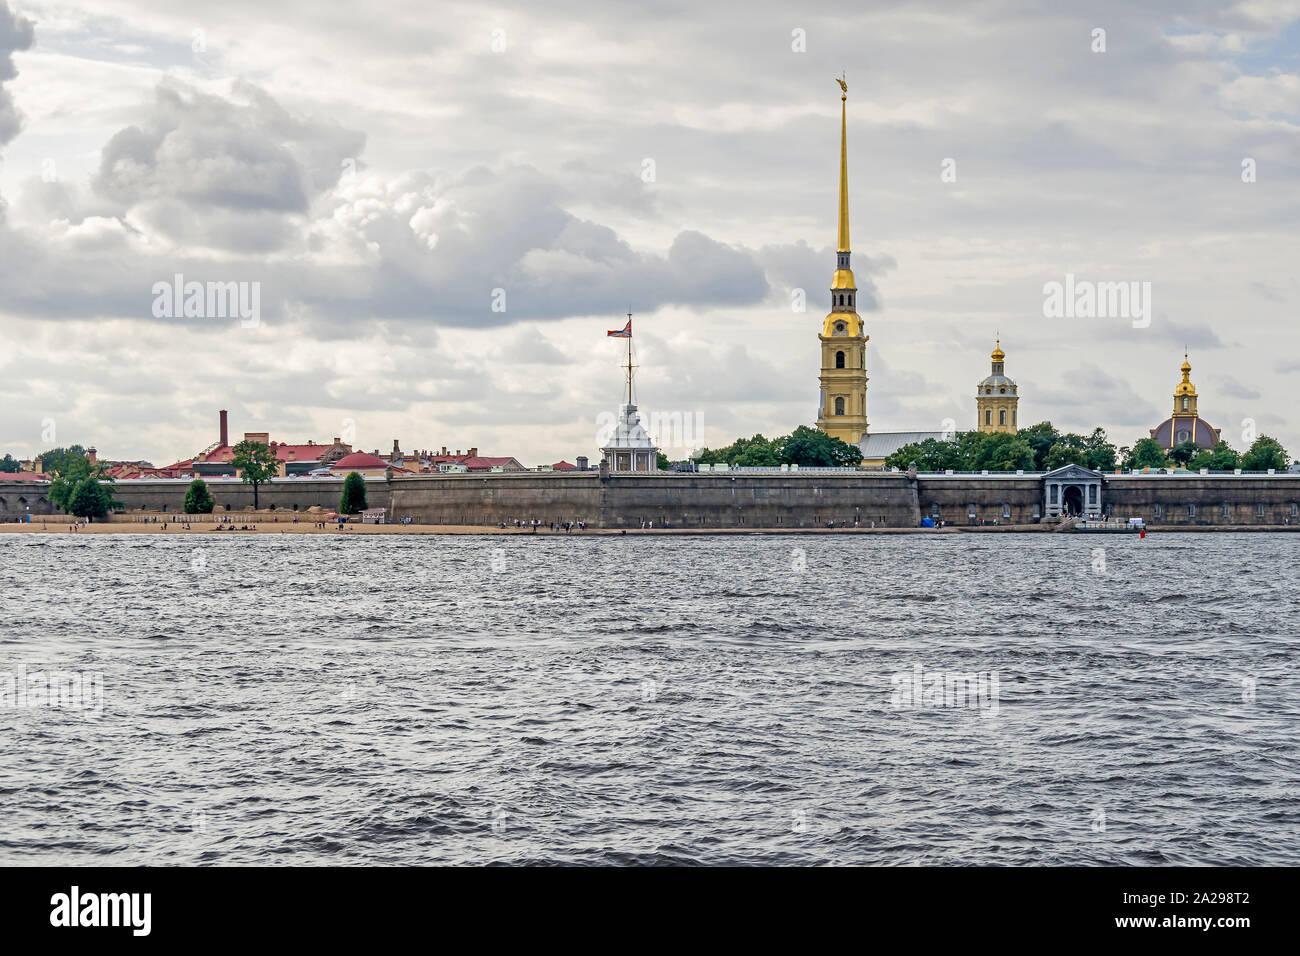 San Petersburgo, Rusia - Julio 25, 2019: la isla de liebre en la ribera norte del río Neva y la fortaleza de San Pedro y san Pablo, la ciudadela original Foto de stock